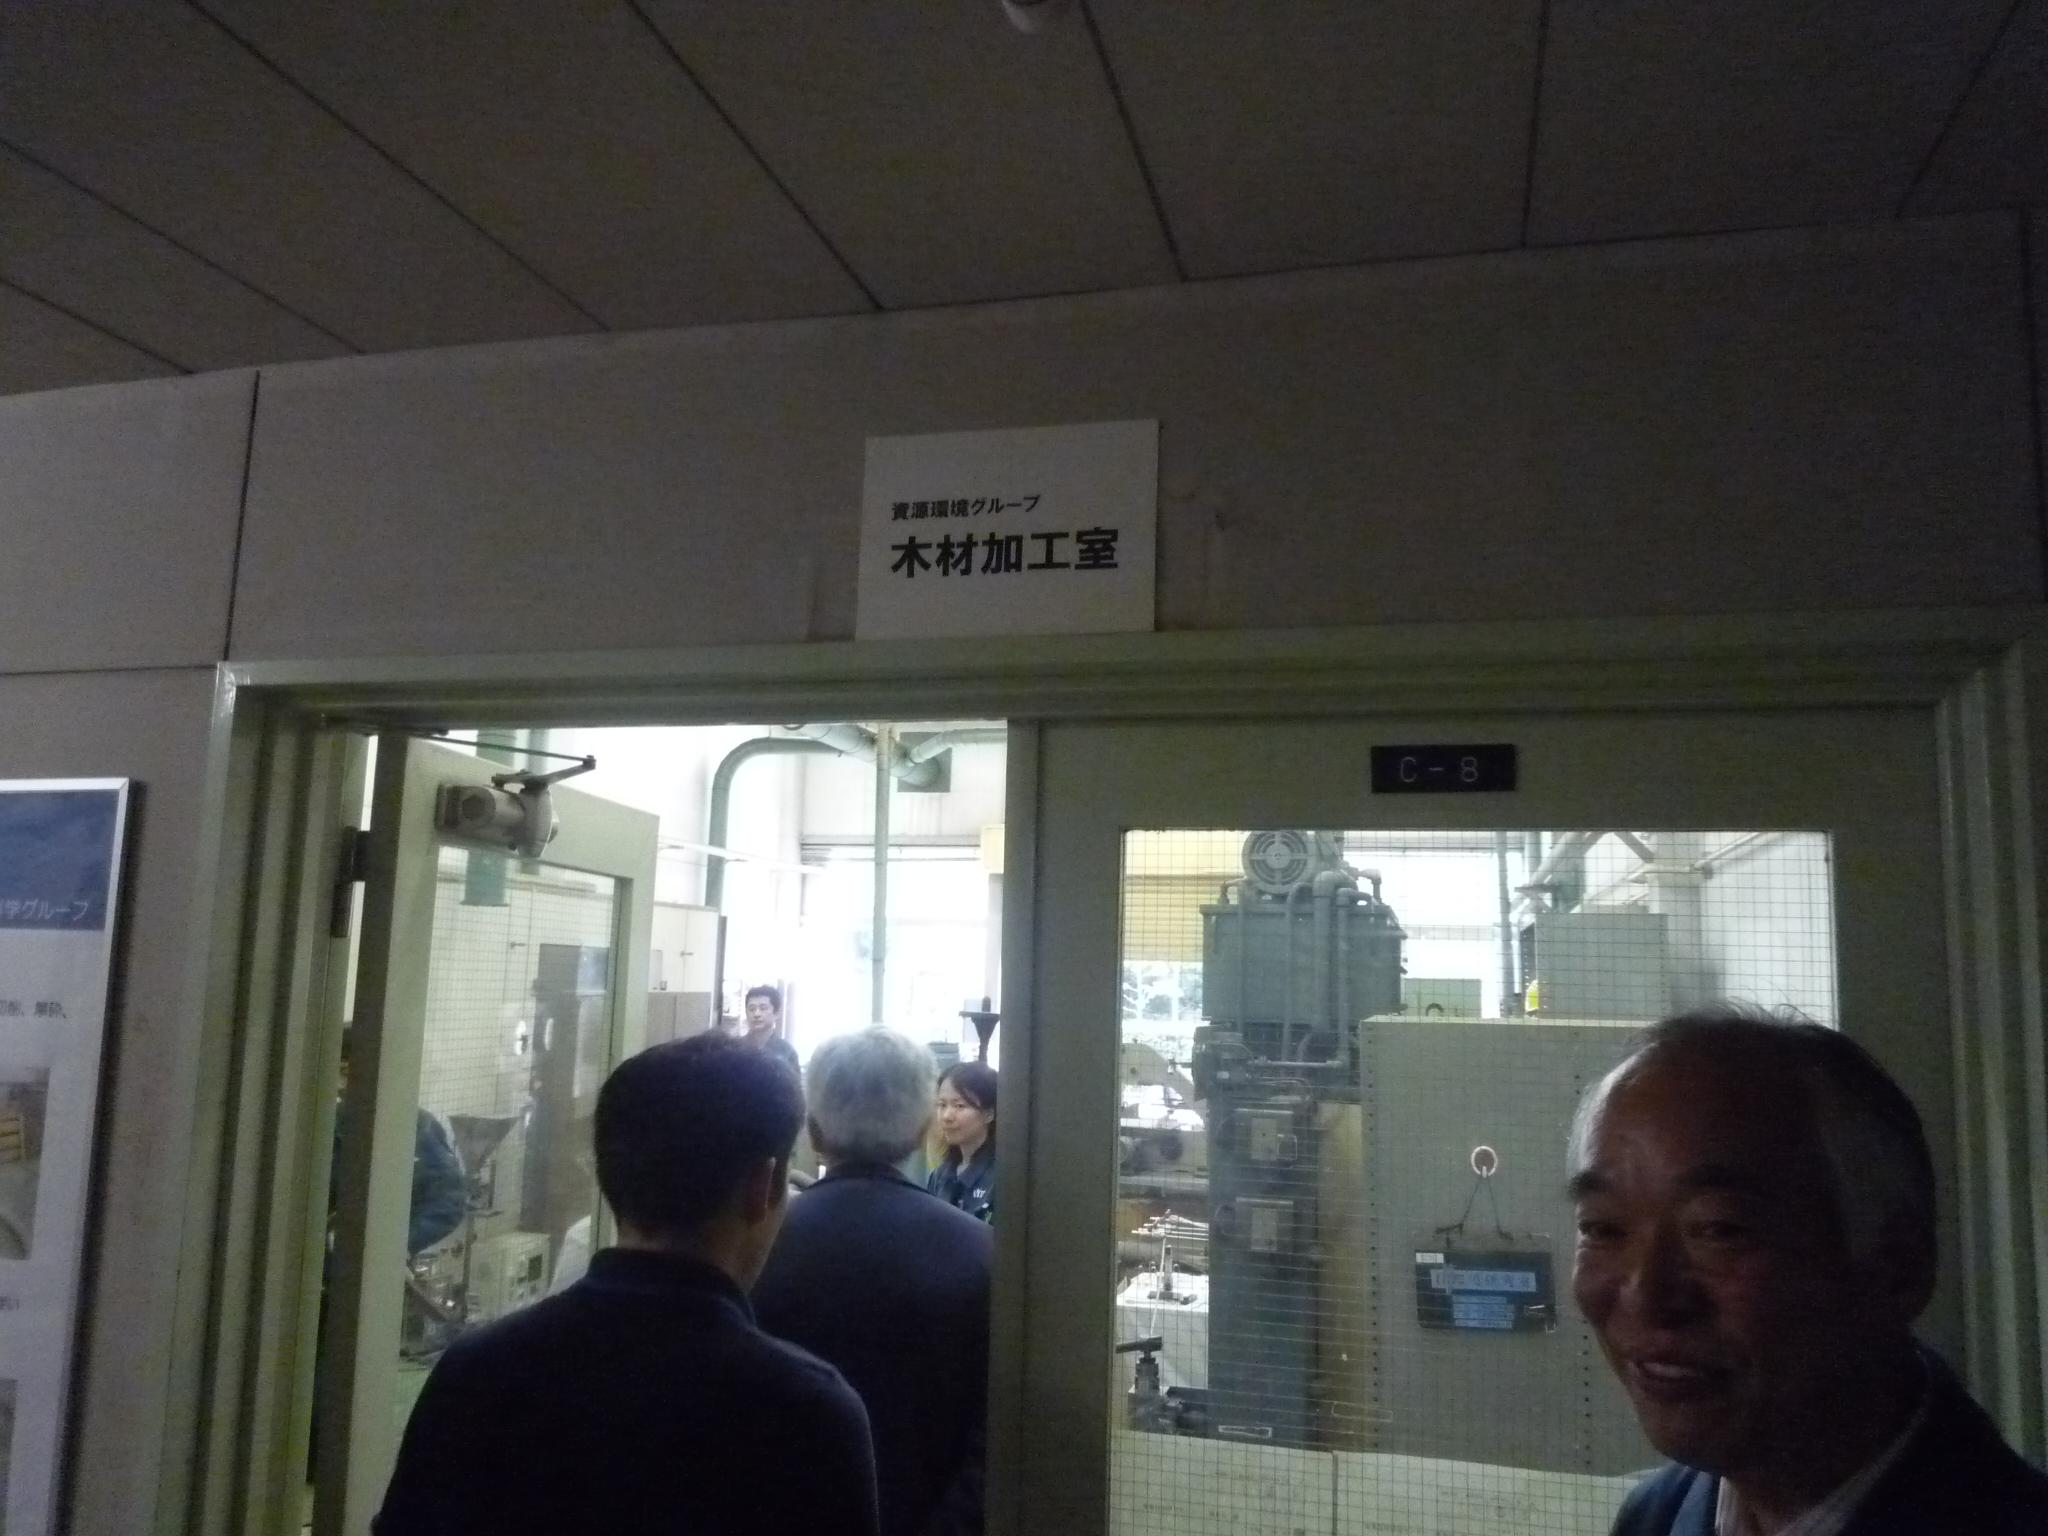 技術 研究 東京 都 センター 産業